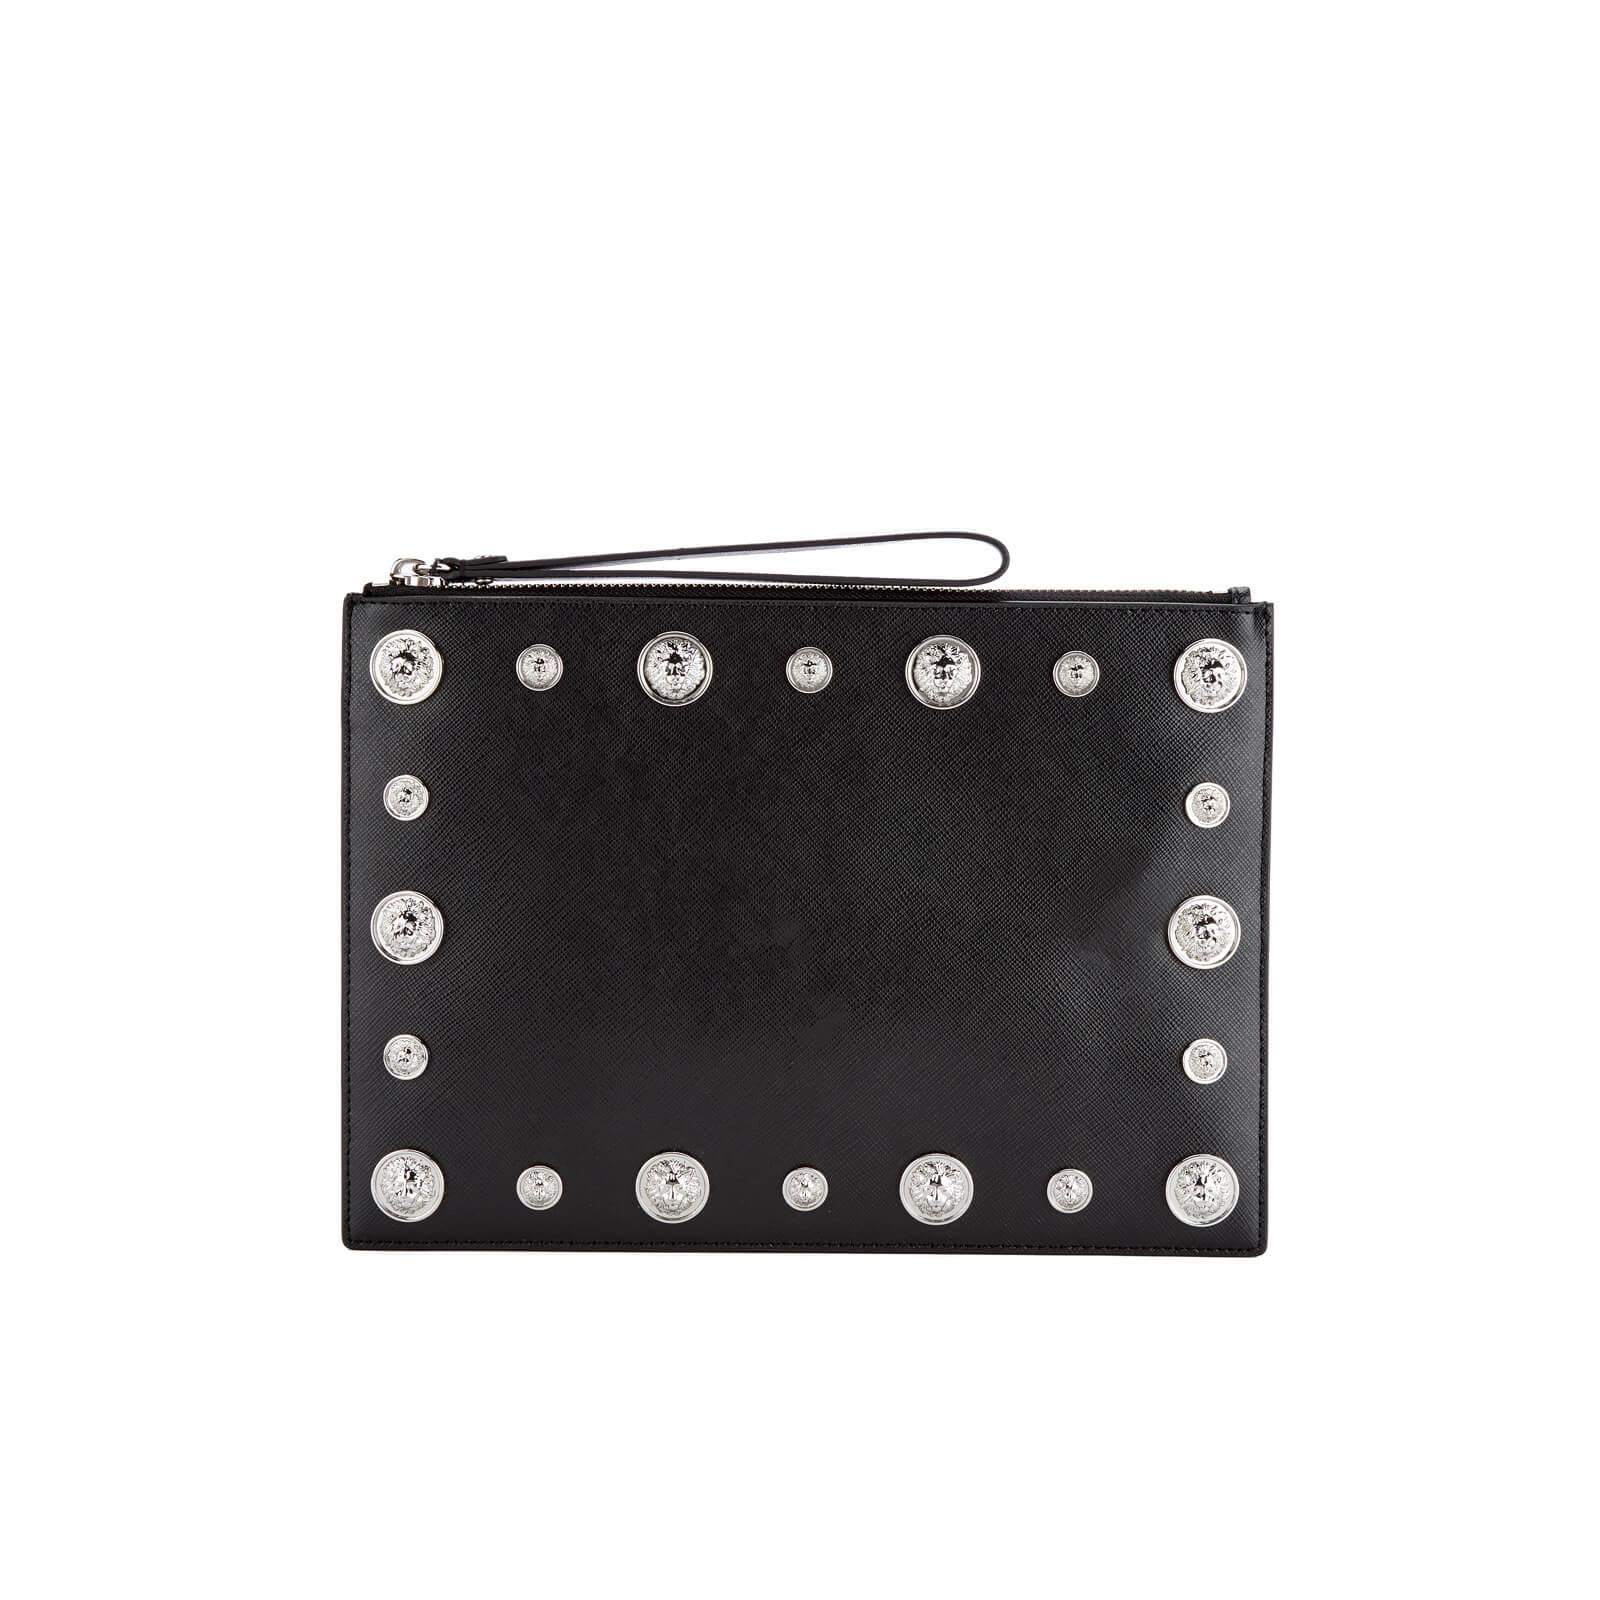 dbf22567 Versus Versace Women's Stud Clutch Bag - Black/Nickel